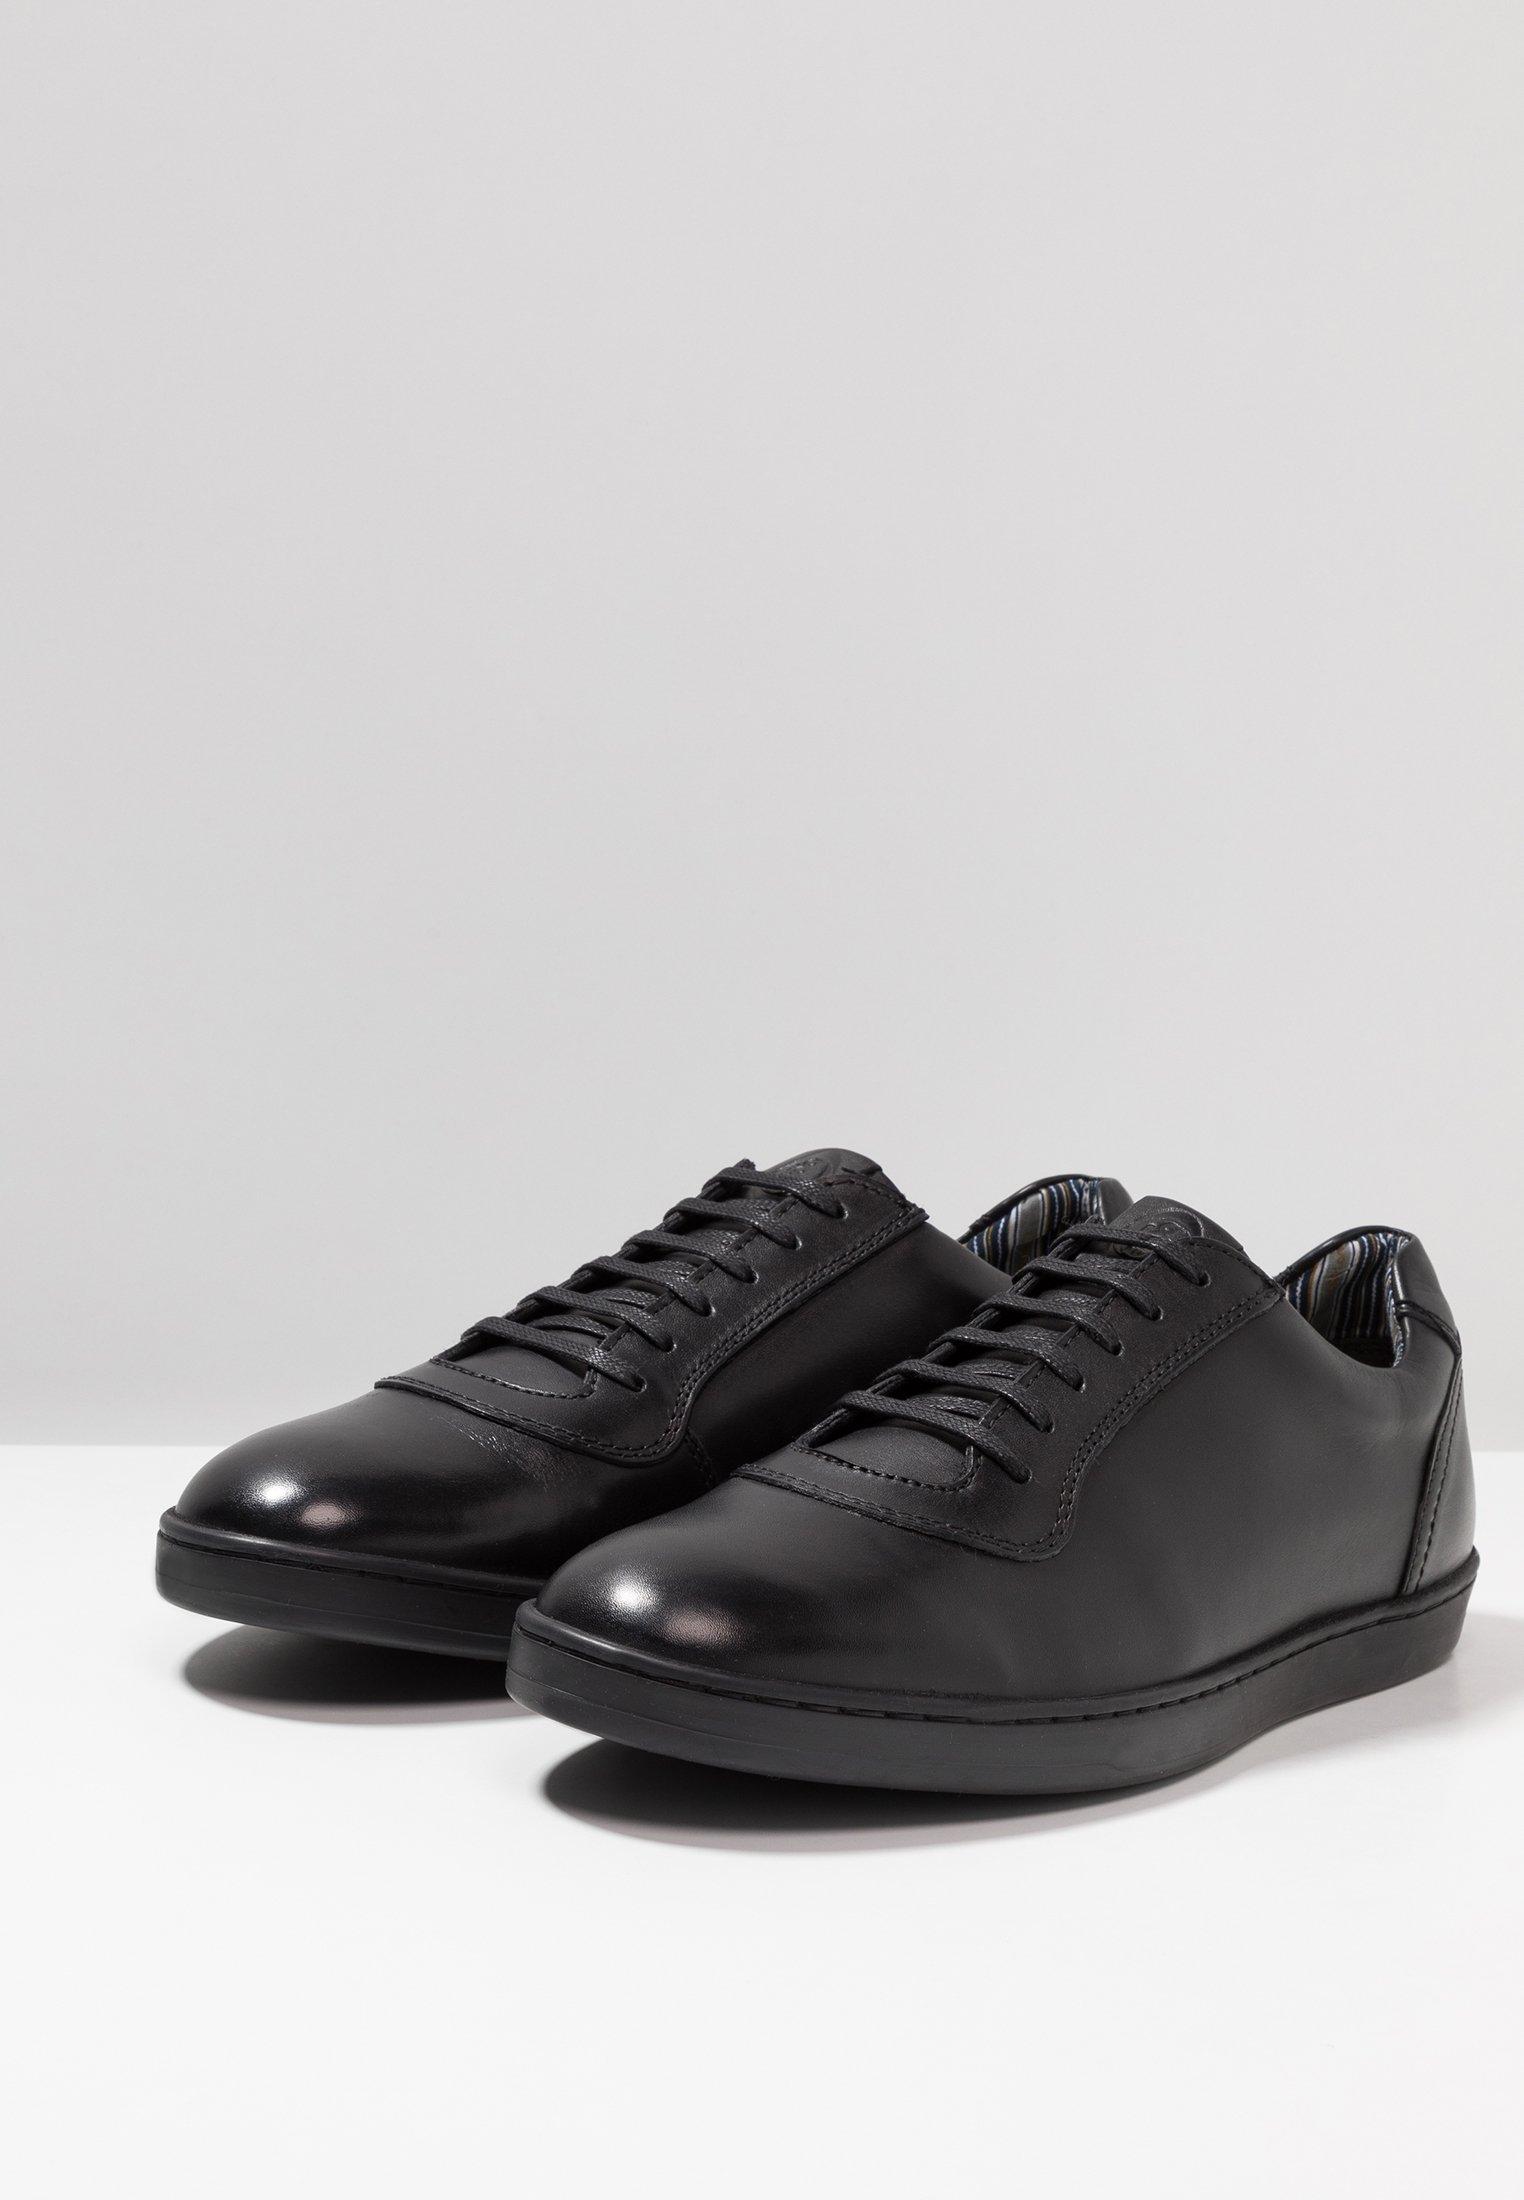 base hustle shoes black